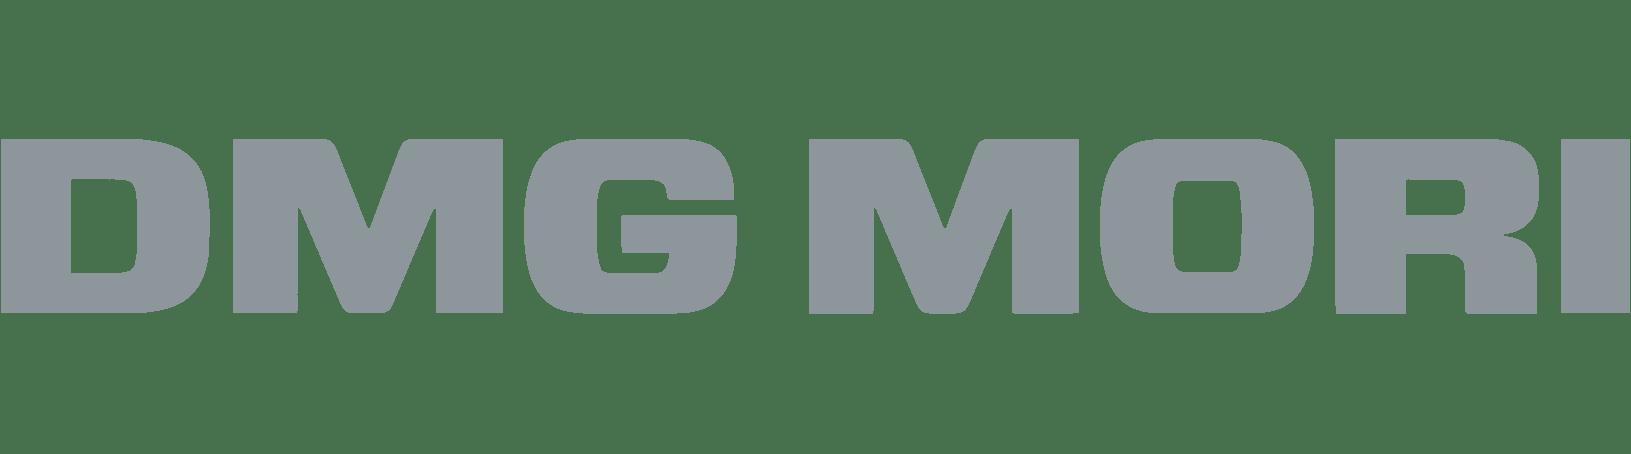 Electrobroche-Concept - DMG-MORI Logo